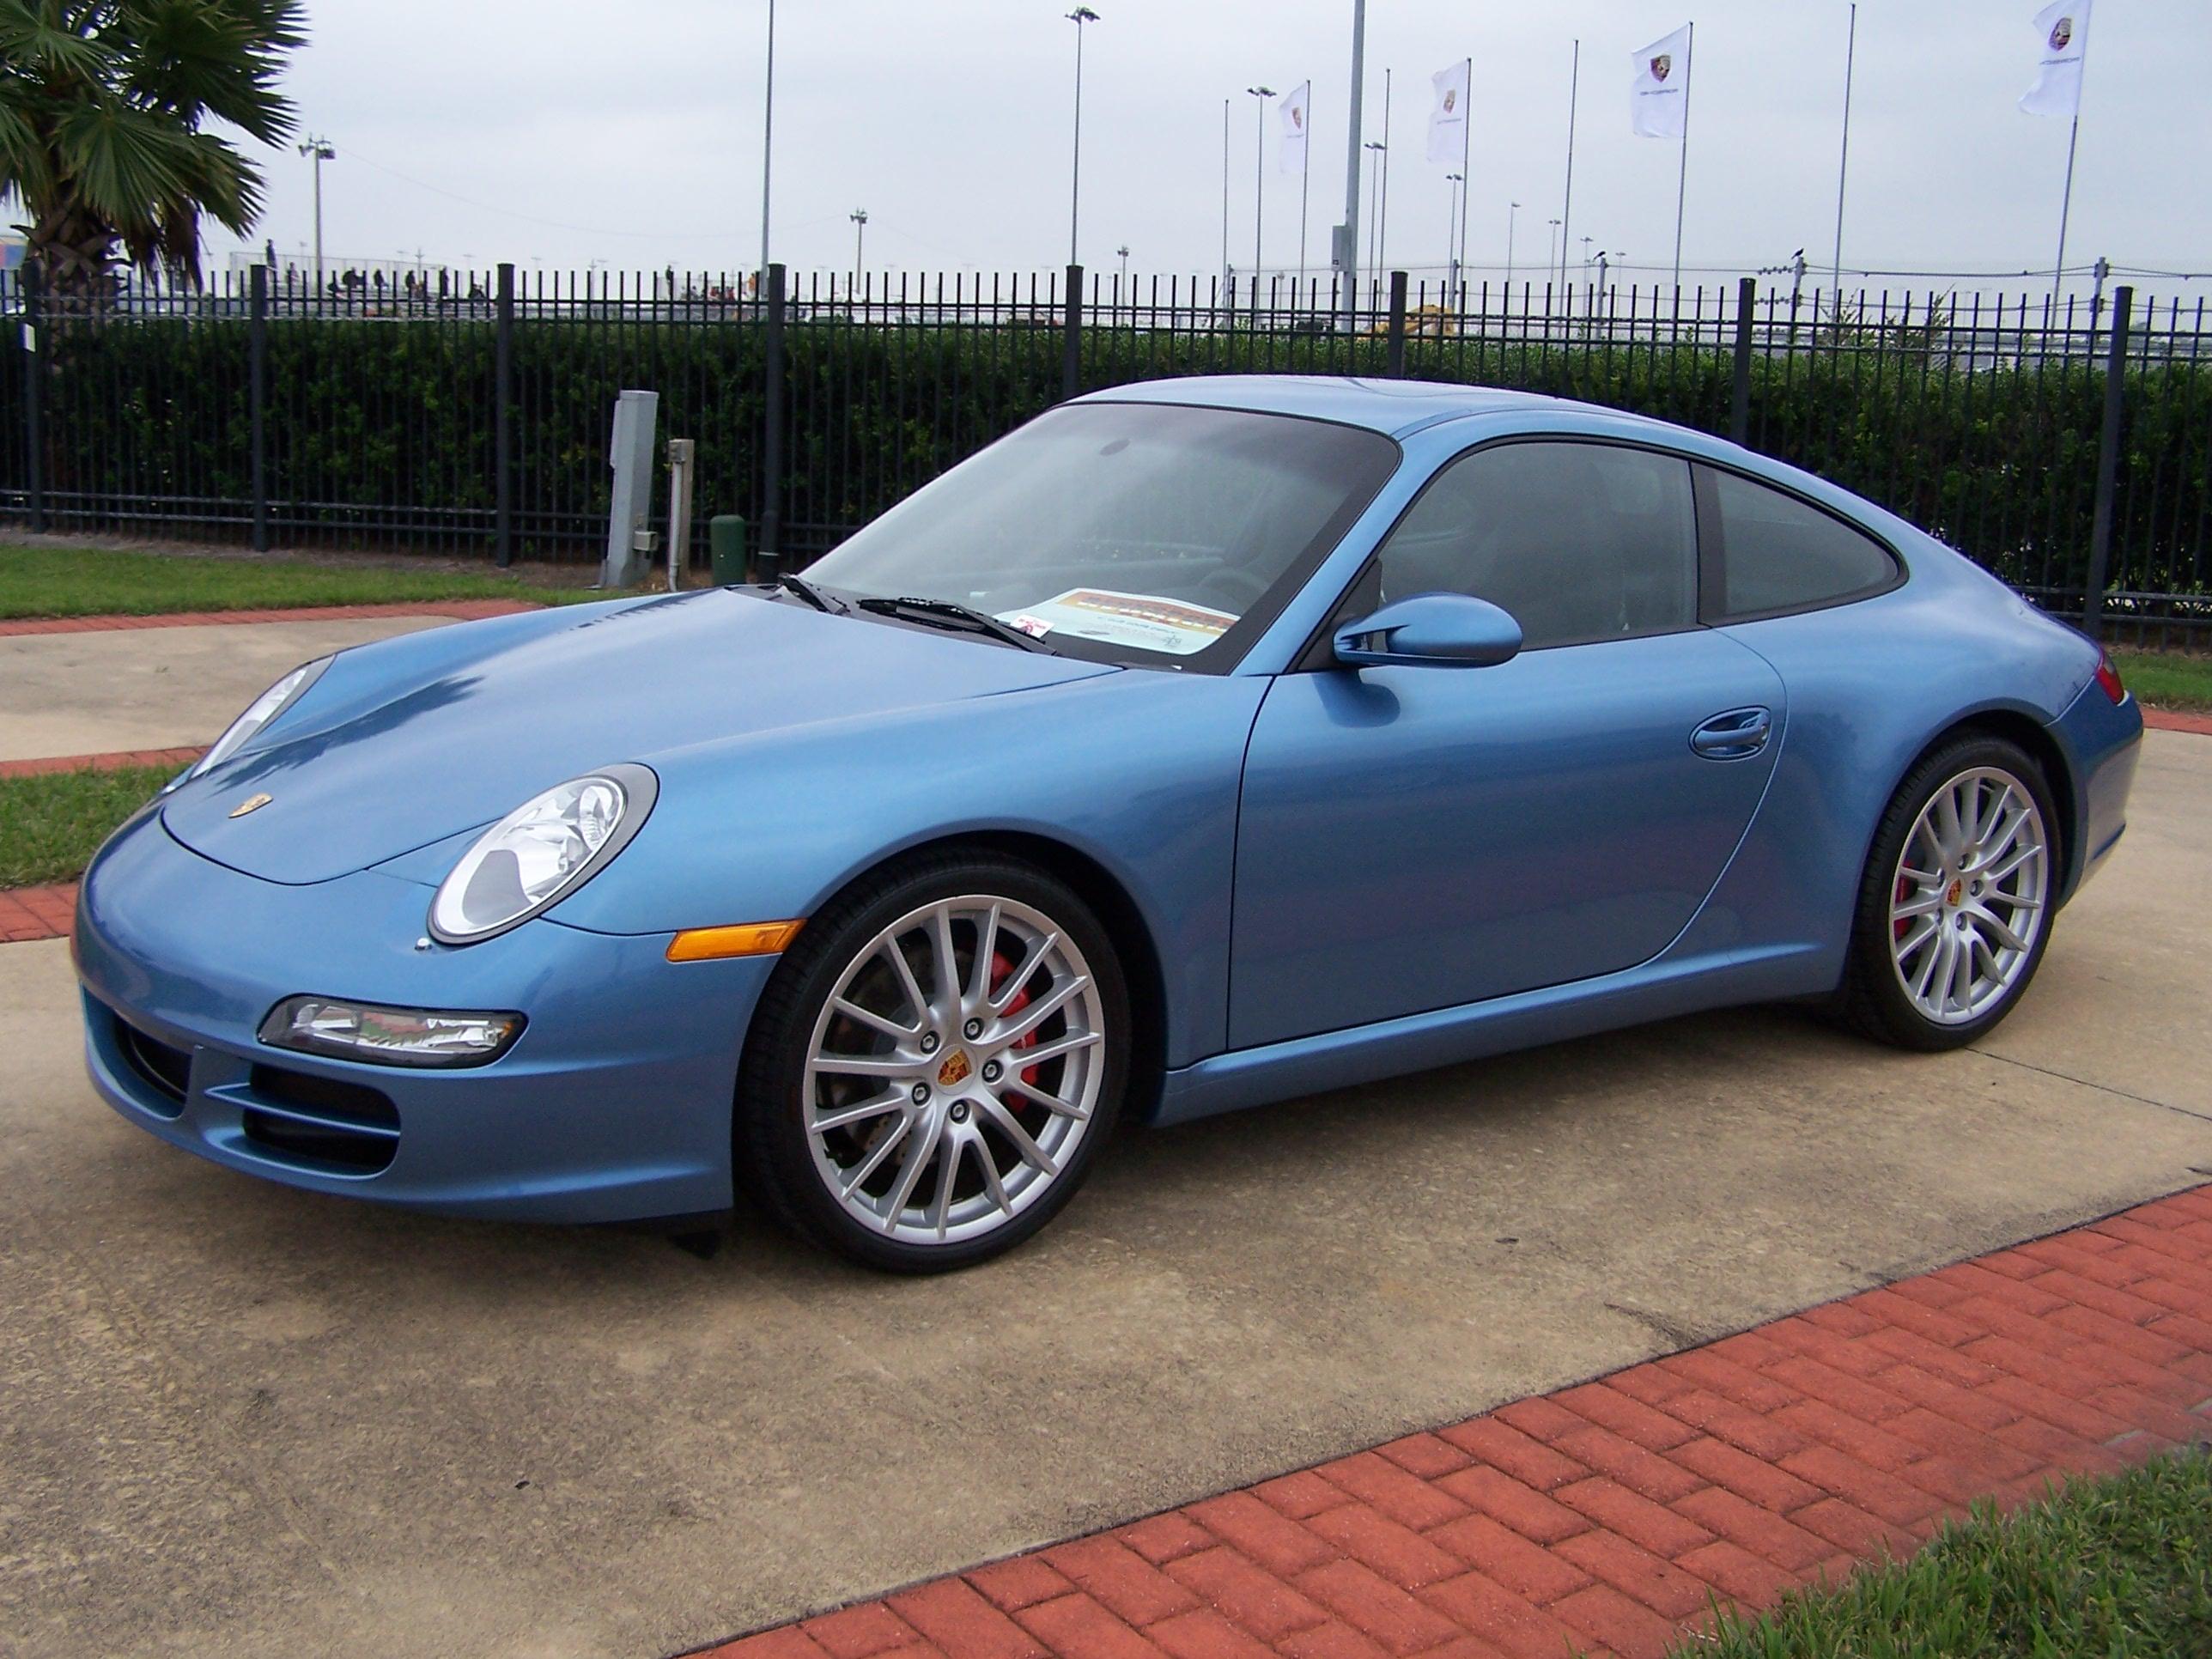 2006 Porsche Club Coupes In Azzuro California Blue